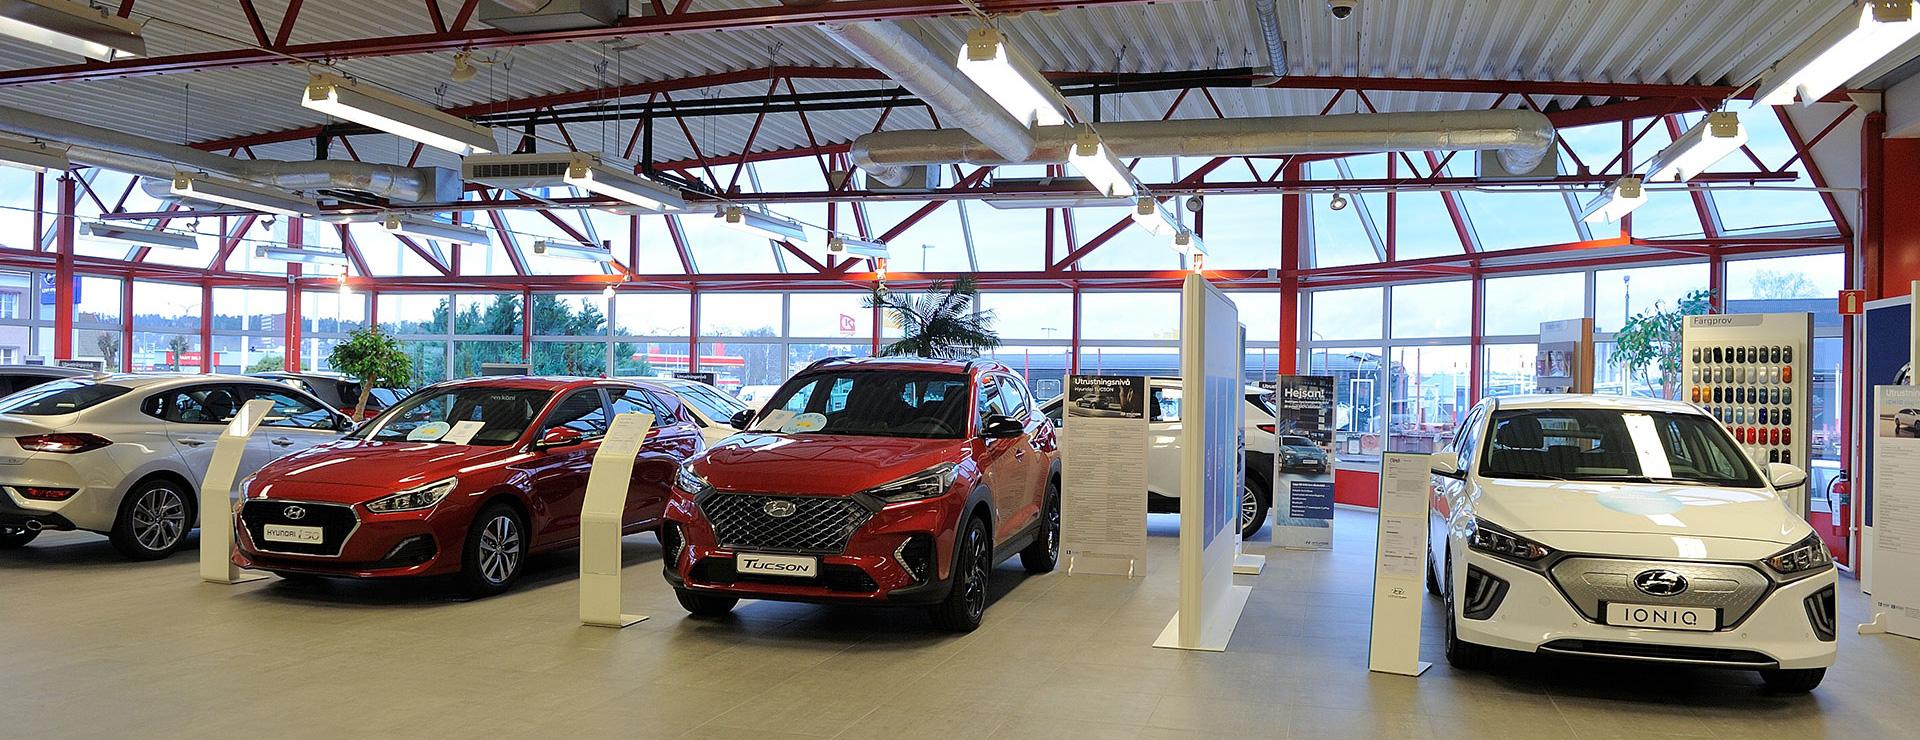 bilförsäljare begagnade bilar